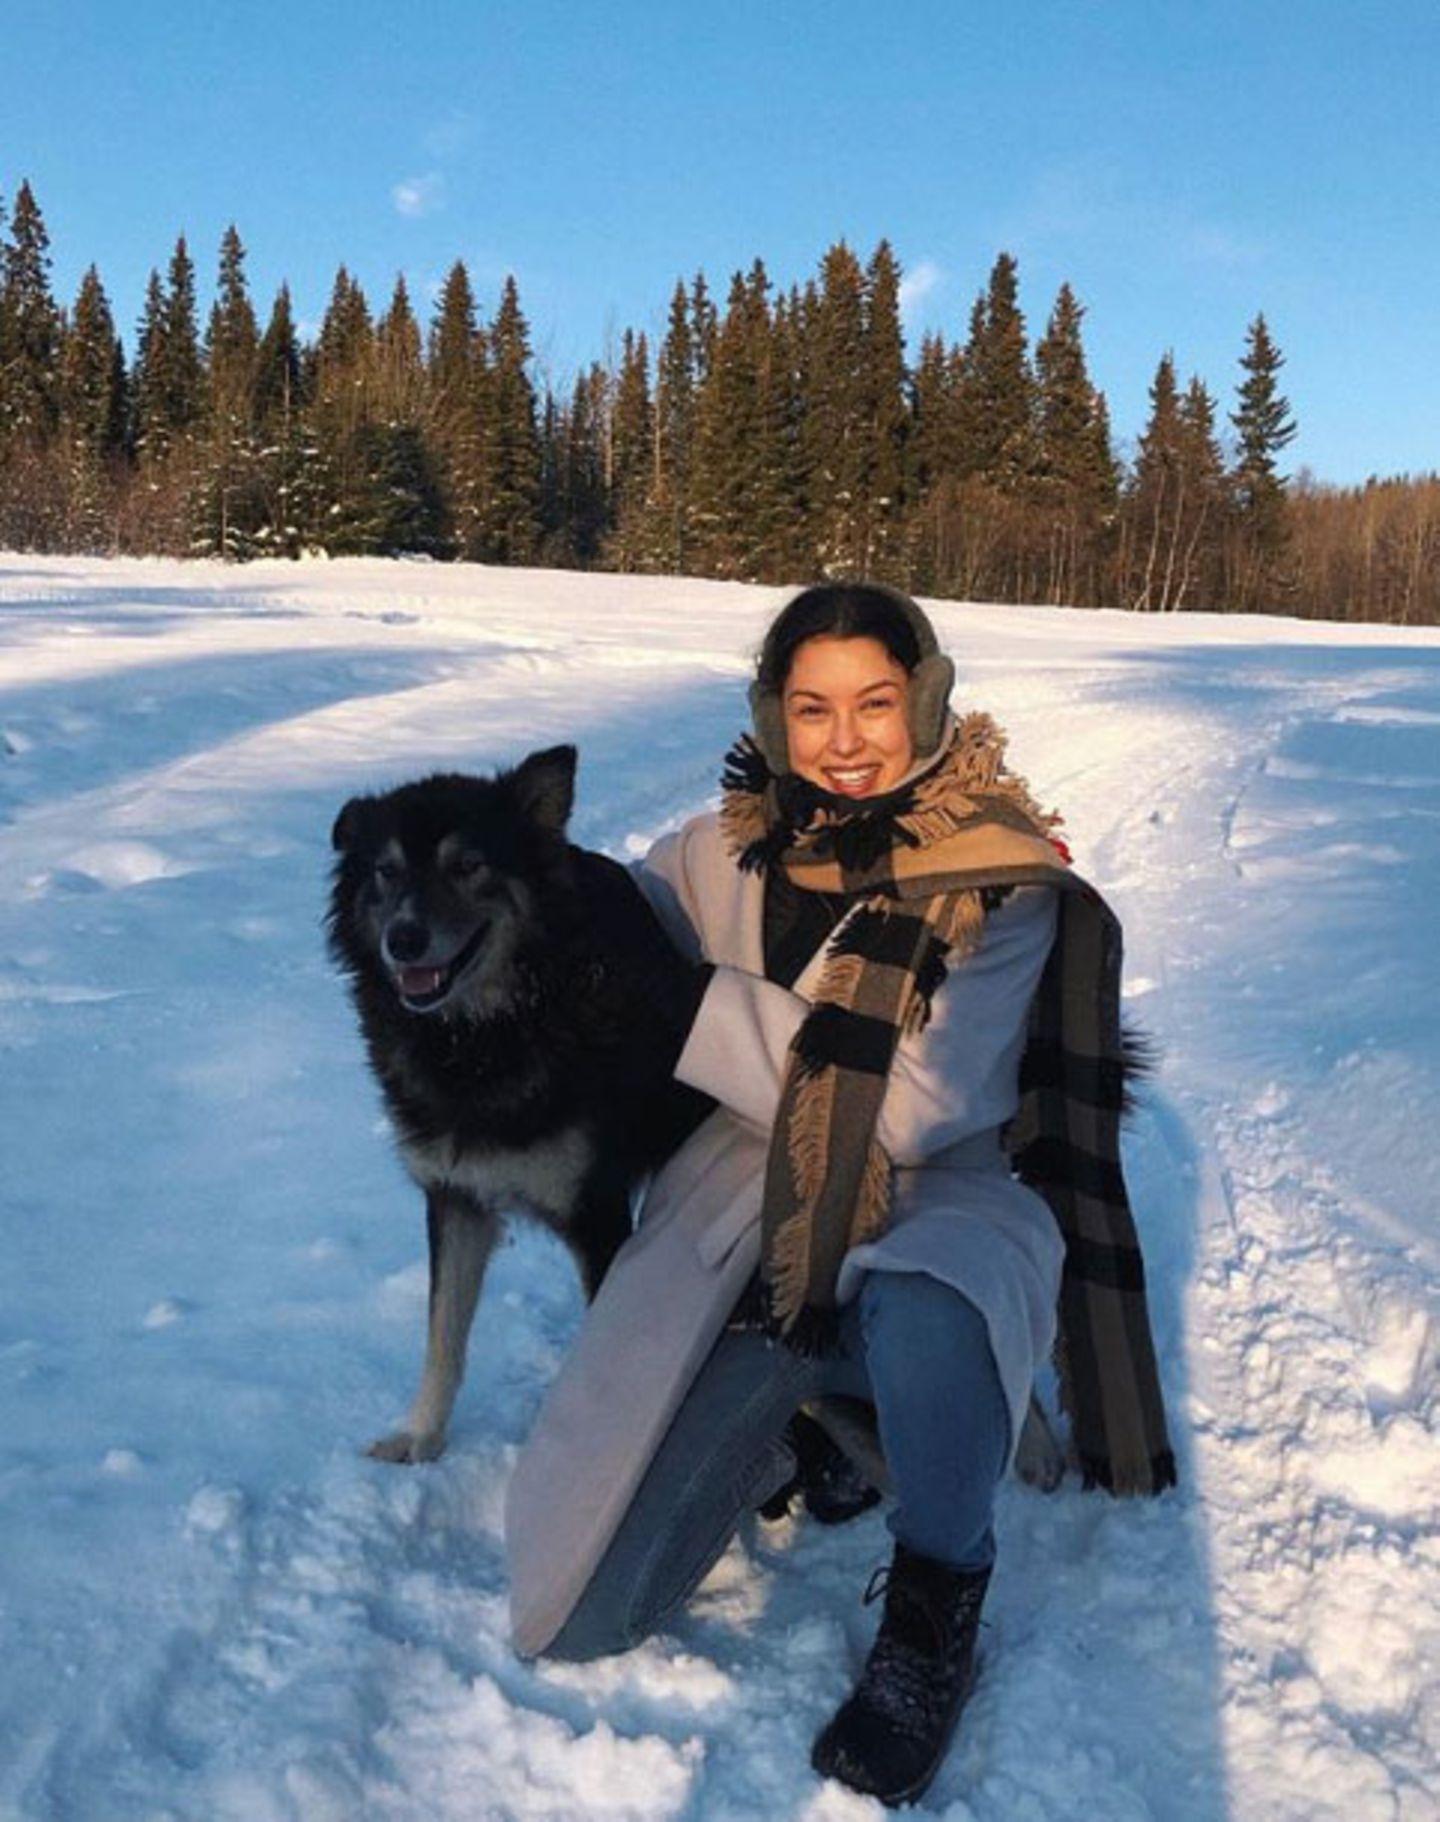 """Dick eingepackt und mit ihrem """"Snow Buddy"""" an der Seitespaziert Rebecca Mir durch die winterliche Landschaft."""